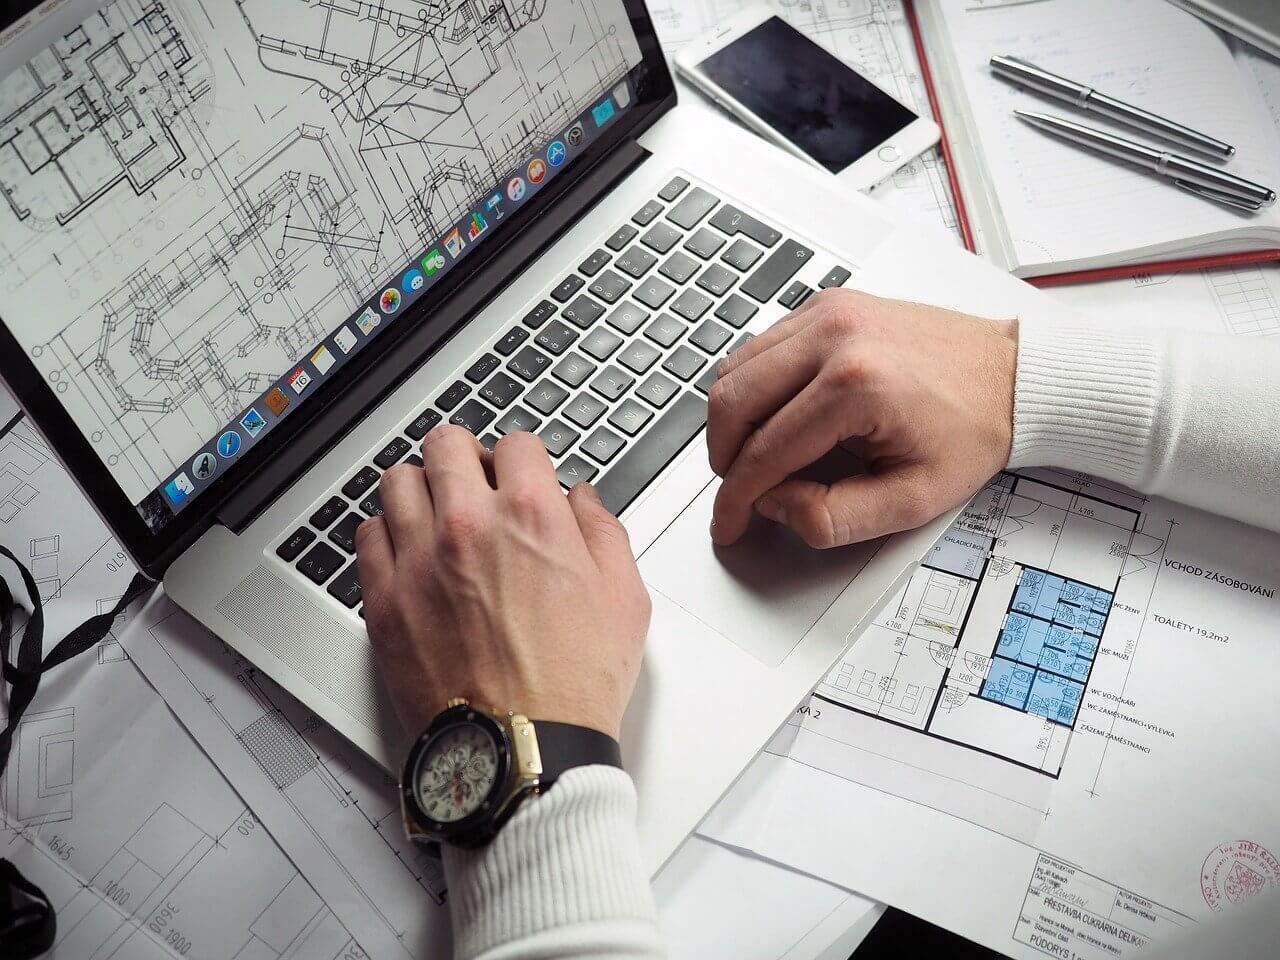 Umsatzsteuer: Verbesserung der Kleinunternehmerregelung